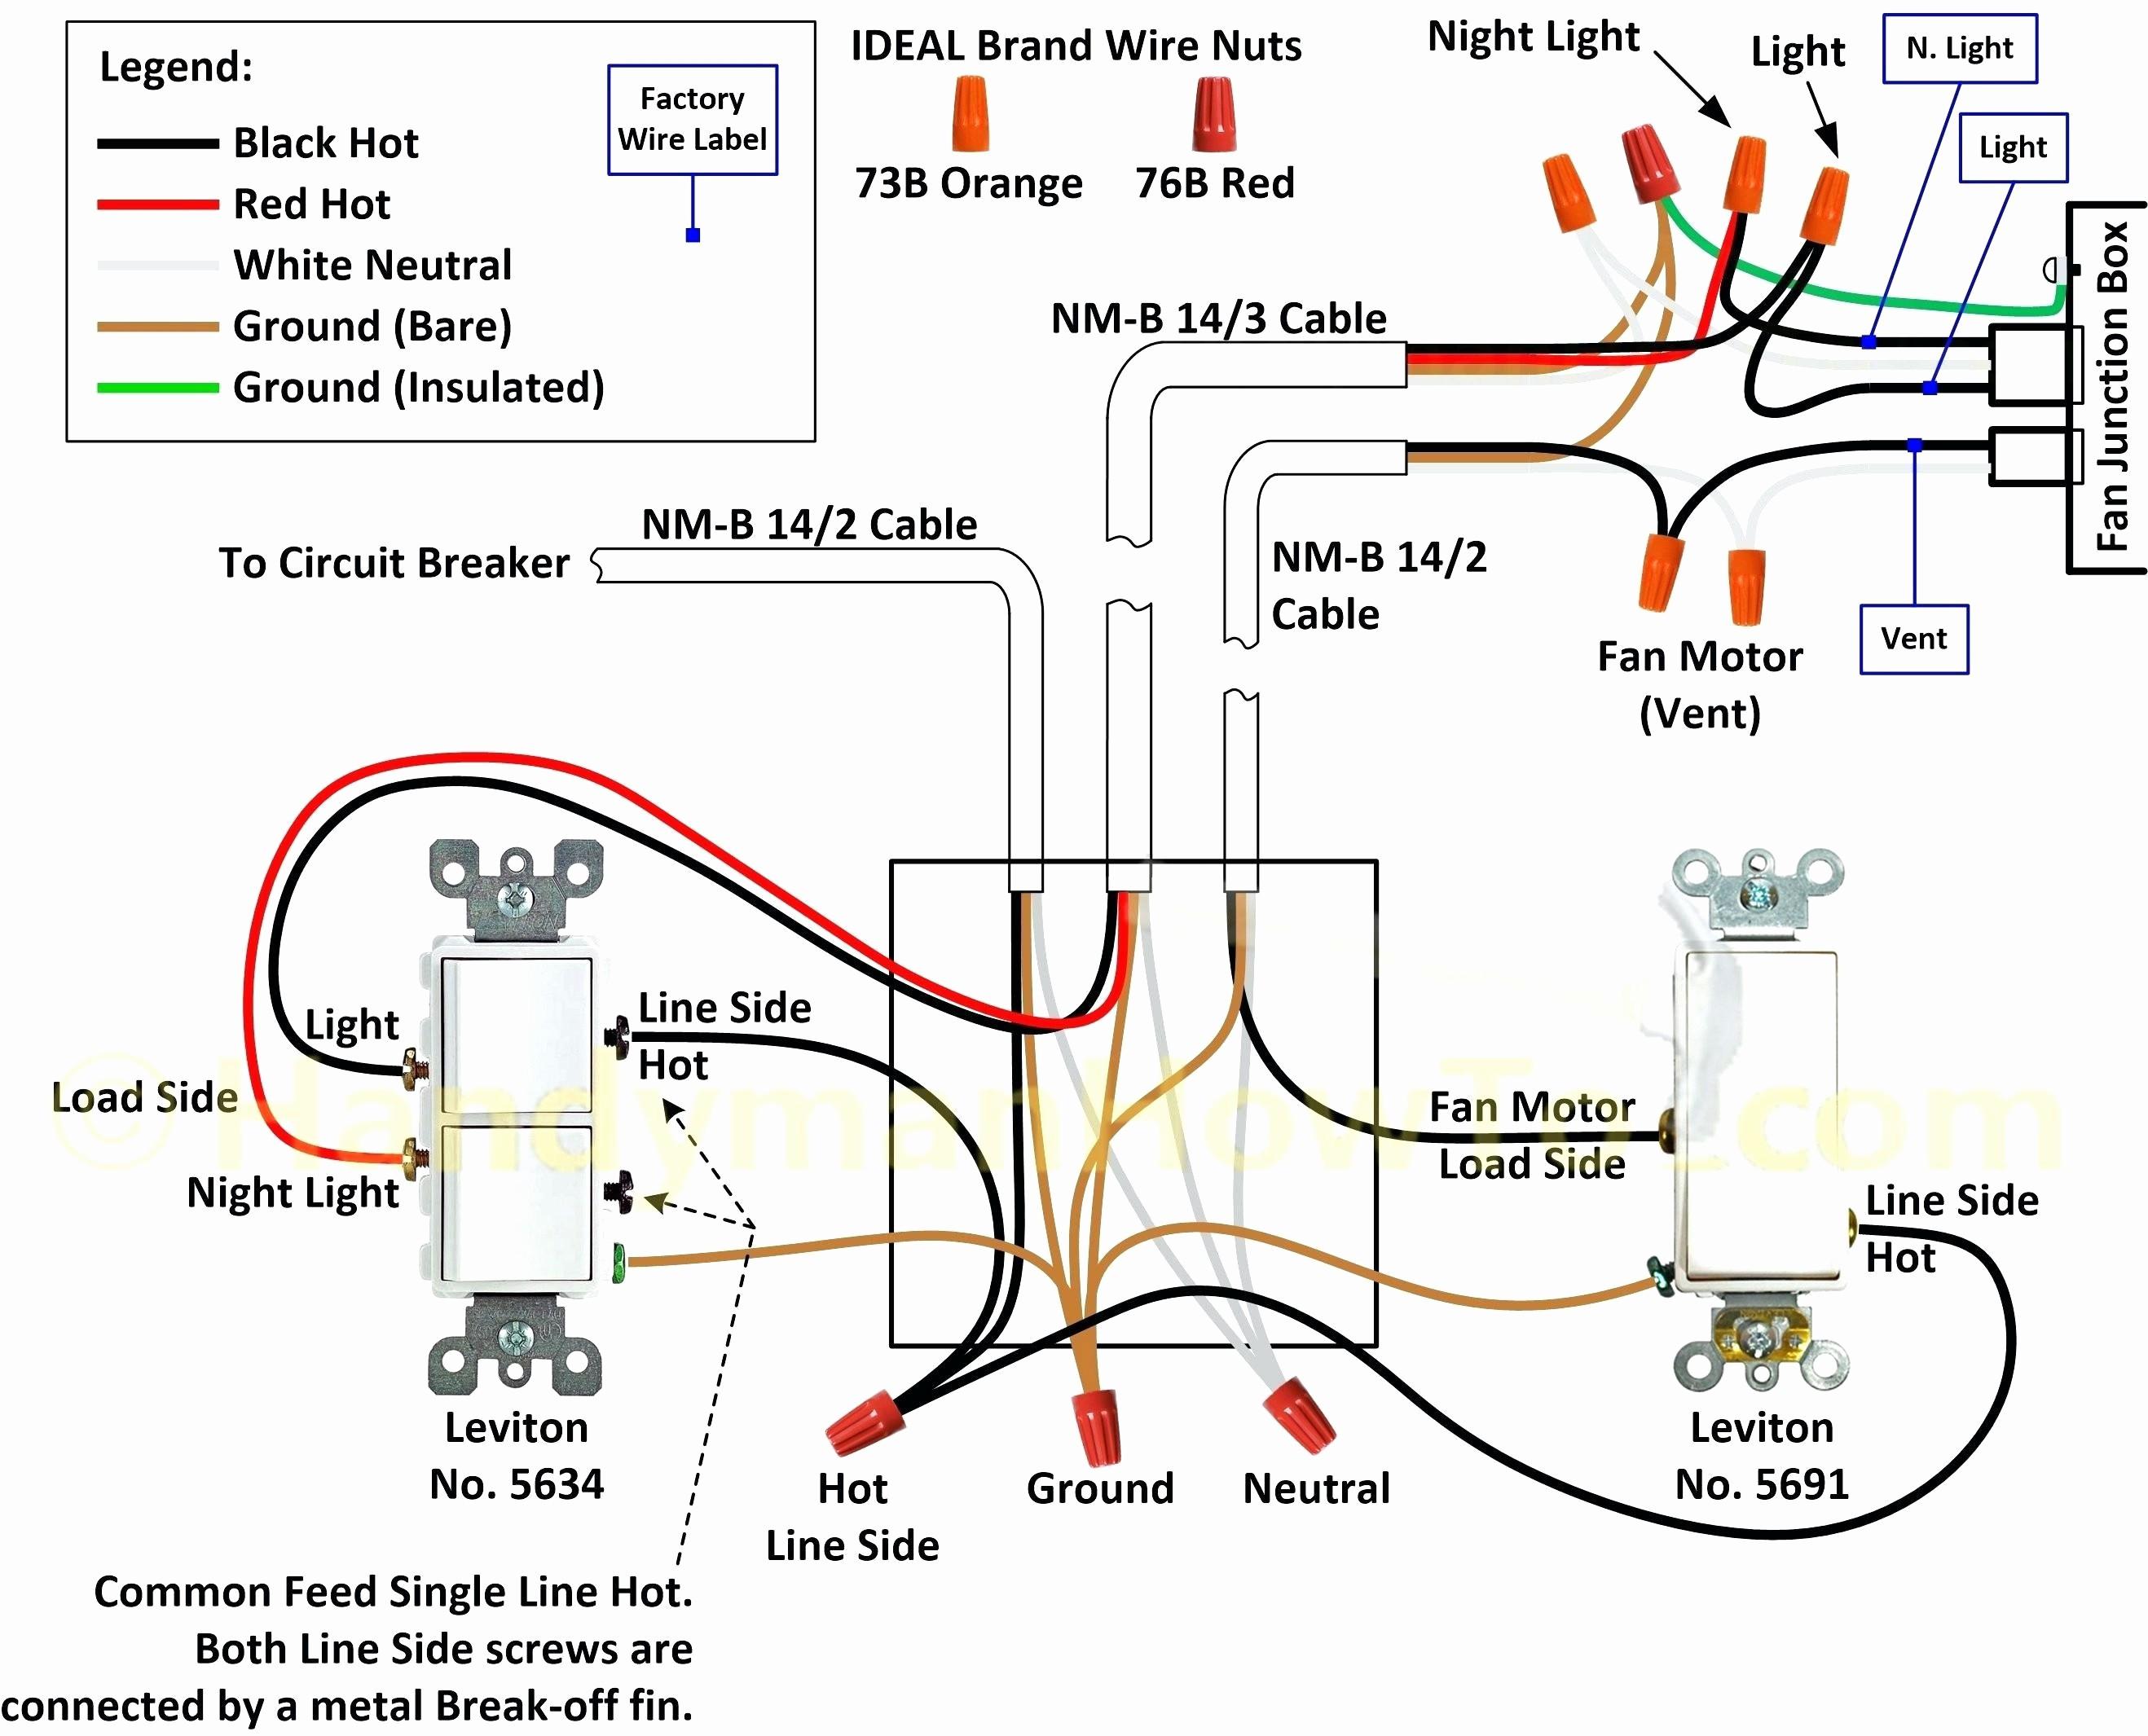 Broan Range Hood Wiring Diagram Broan Exhaust Fans Wiring Diagram Model 678 Worksheet and Wiring Of Broan Range Hood Wiring Diagram